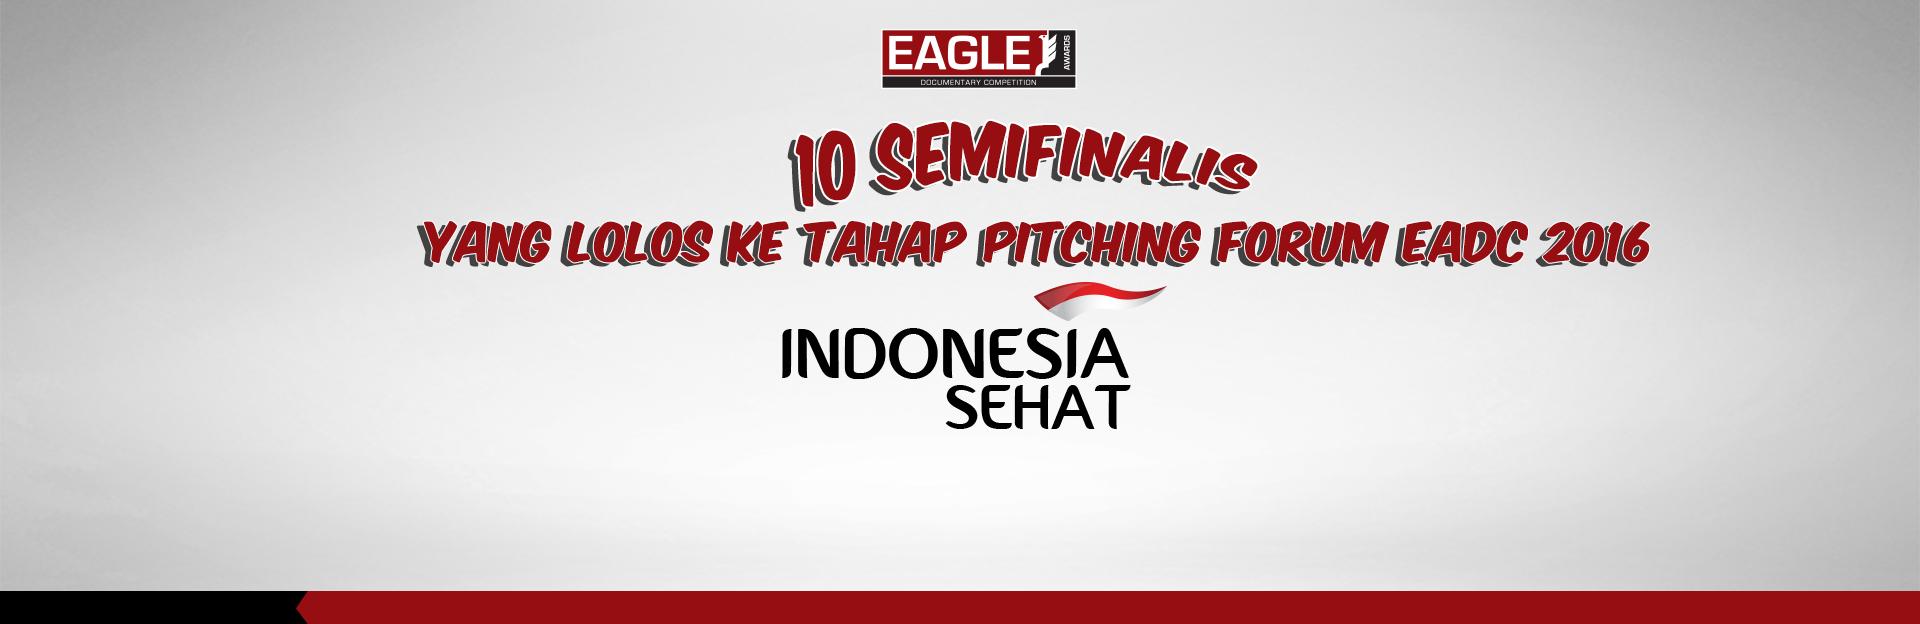 10 Semifinalis EADC 2016